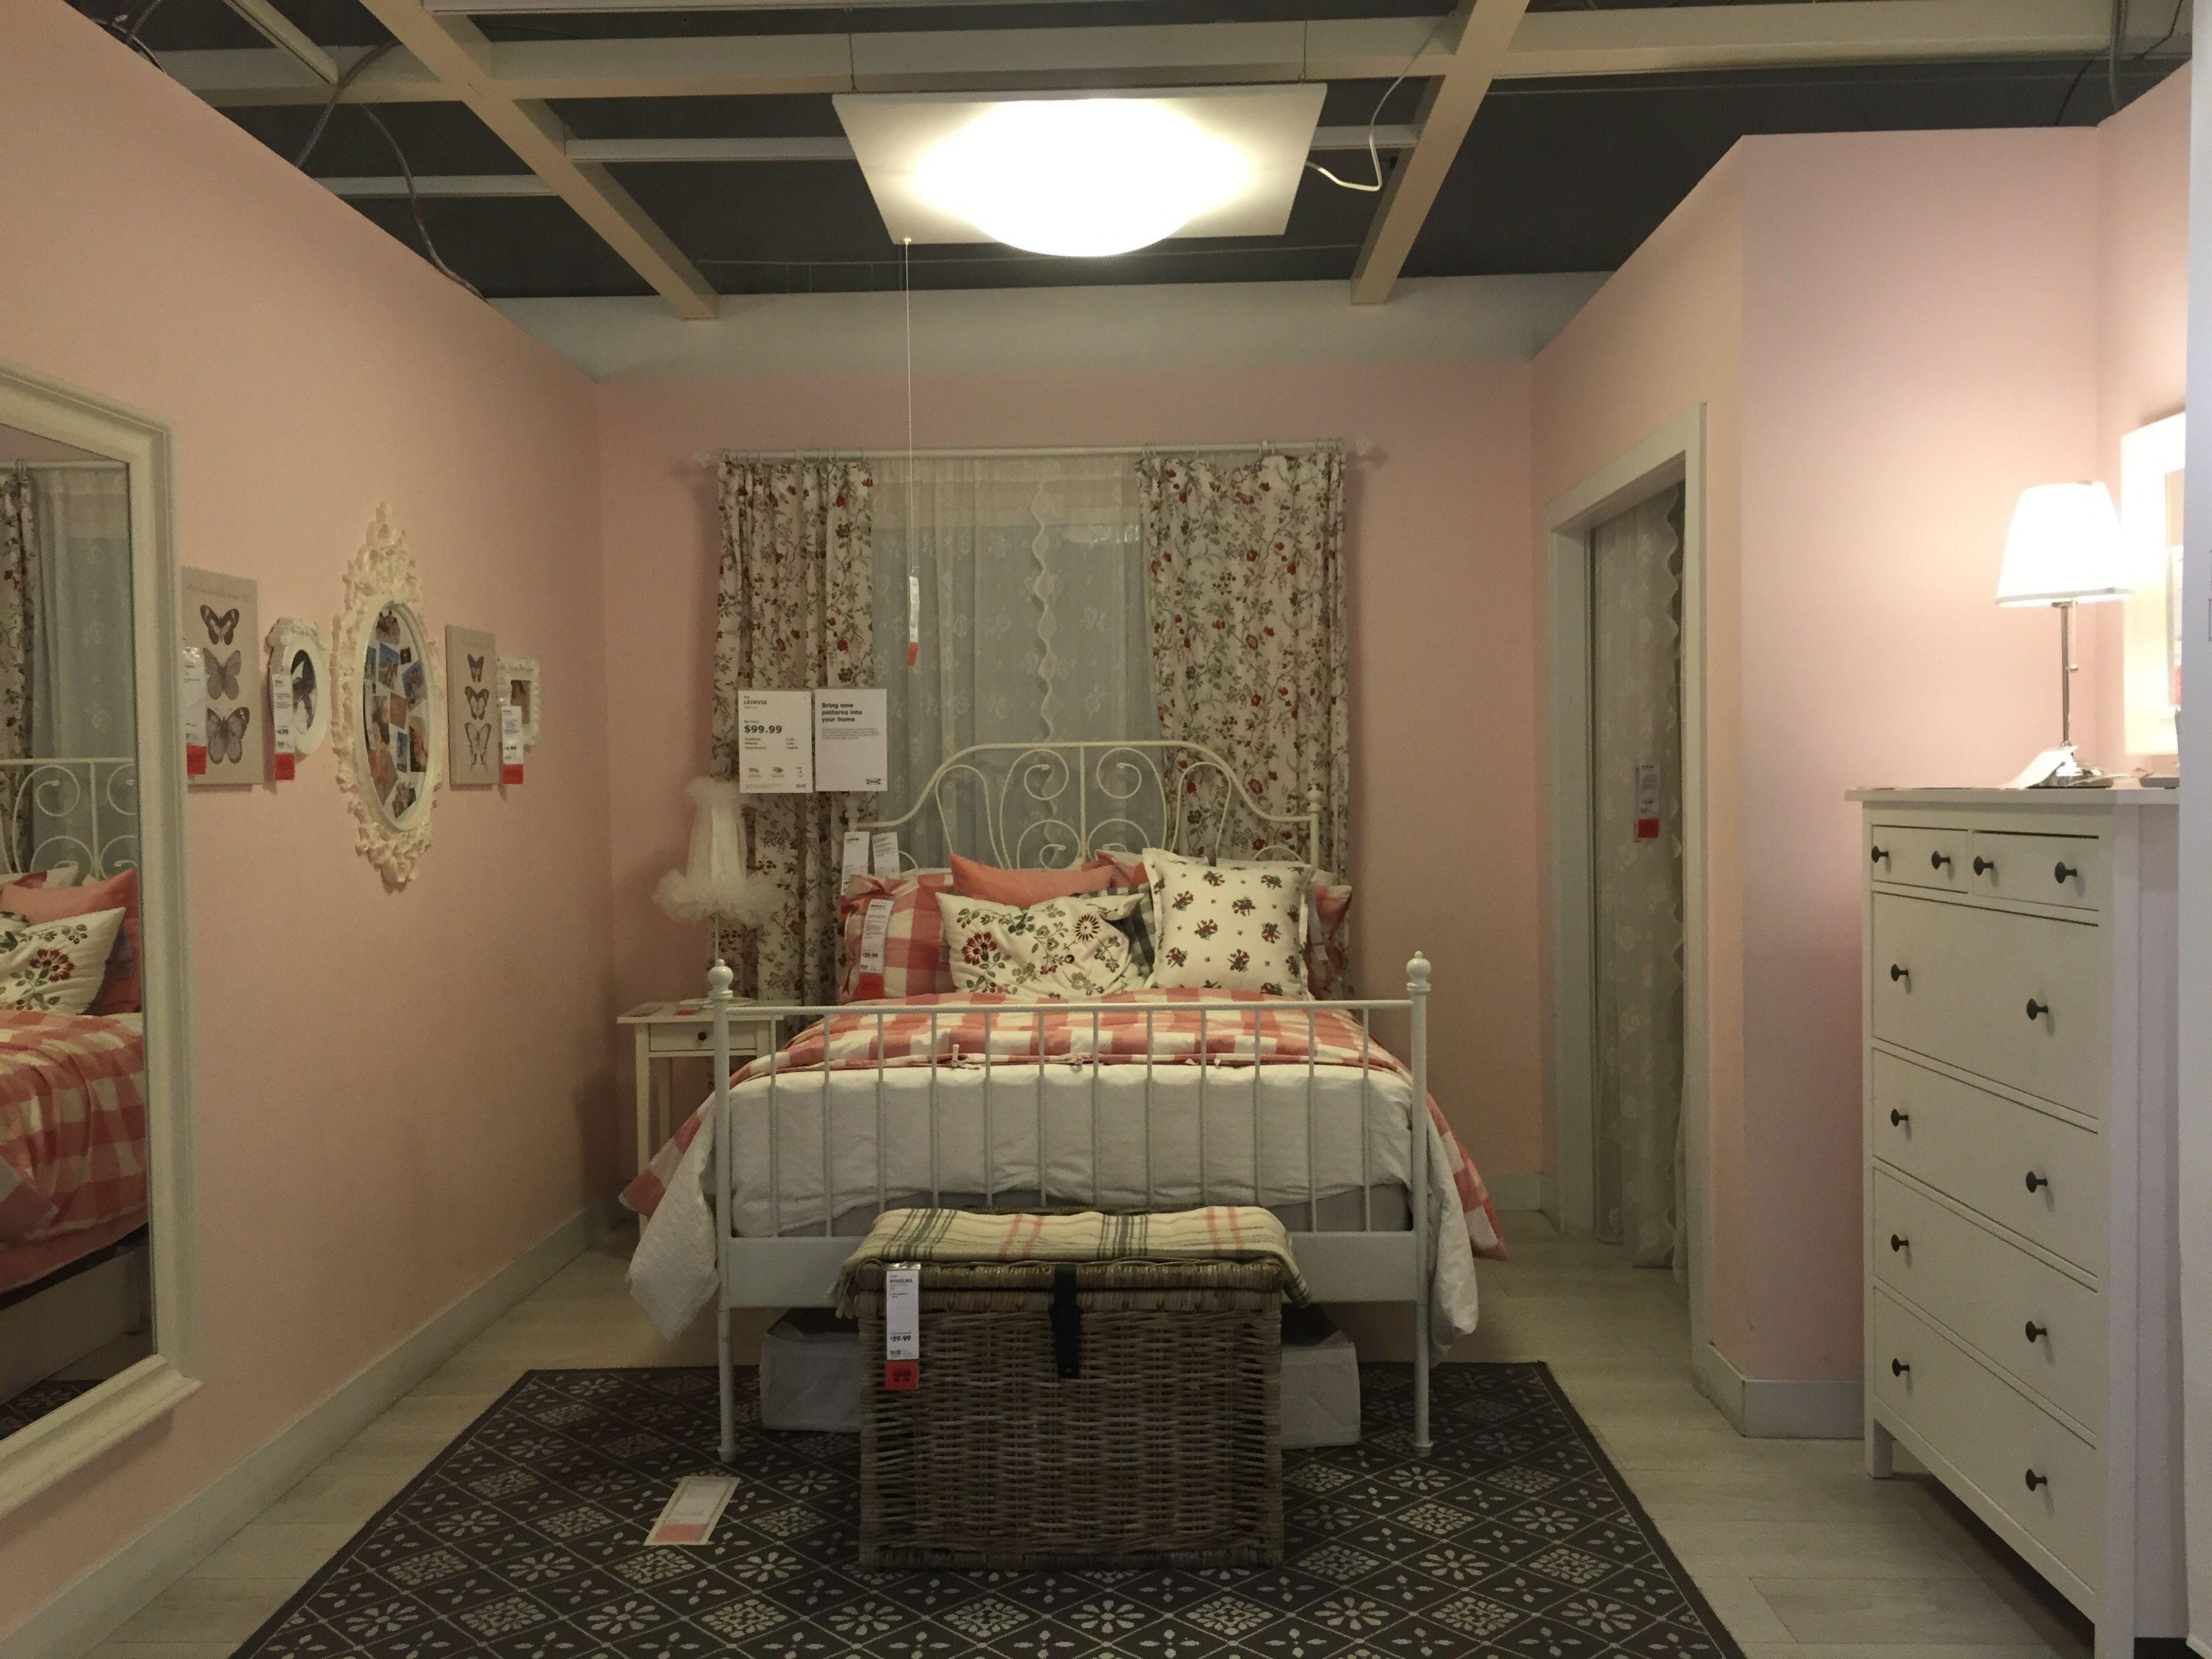 ikea showroom leirvik bed hemnes nightstand and dresser pink walls ... - Schlafzimmer Ideen Pink